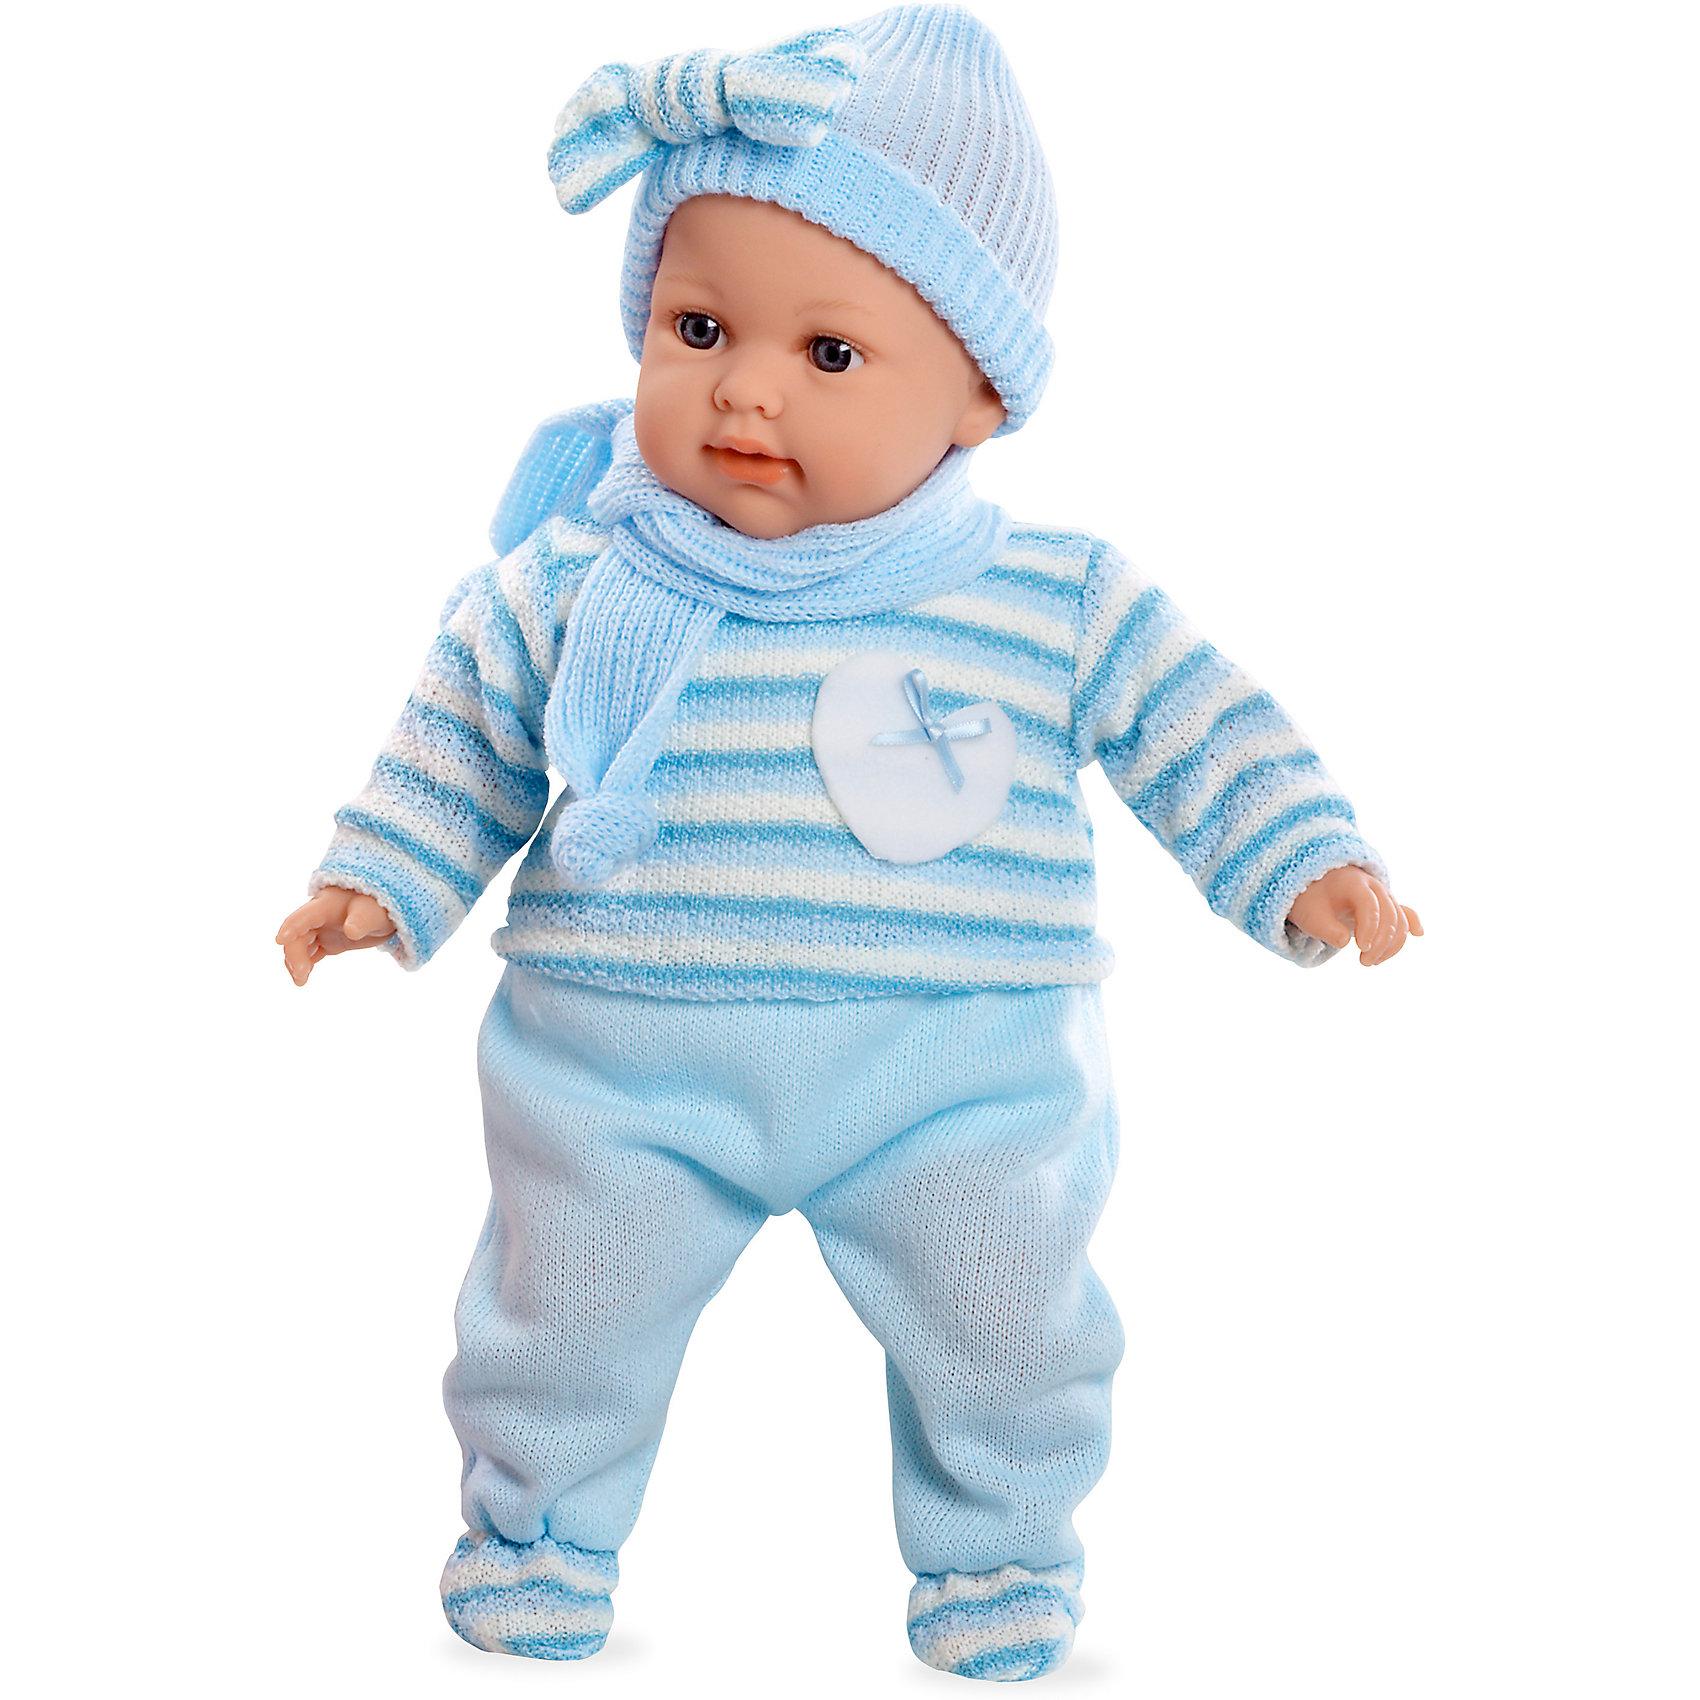 Кукла Elegance, 42 см, с соской, голубом в вязаном костюмчике, плачет, AriasИнтерактивные куклы<br>Характеристики:<br><br>• Вид игр: сюжетно-ролевые<br>• Пол: для девочек<br>• Коллекция: Elegance<br>• Материал: винил, текстиль<br>• Длина пупса: 42 см<br>• Комплектация: кукла, кофточка, ползунки, шапочка, соска<br>• Подвижные ручки и ножки <br>• Умеет плакать <br>• Батарейки: 3 x AG13 / LR44 (предусмотрены в комплекте)<br>• Вес в упаковке: 1 кг 100 г<br>• Размеры упаковки (Г*Ш*В): 26*17*48 см<br>• Упаковка: картонная коробка<br>• Особенности ухода: куклу можно купать, одежда – ручная стирка<br><br>Кукла, с соской, Elegance, в вязаном костюмчике, шапочке, шарфике, голубой, 42 см, плачет, Arias изготовлена известным испанским торговым предприятием Munecas, который специализируется на выпуске кукол и пупсов. Пупсы и куклы Arias с высокой степенью достоверности повторяют облик маленьких детей, благодаря мельчайшим деталям внешнего вида и одежды игрушки выглядят мило и очаровательно. Тело пупса – мягконабивное, подвижные ручки и ножки выполнены из винила. У него четко прорисованные глаза и брови, курносый носик и пухленькие губки. У малышки теплый комплект одежды: вязаная кофточка с длинными рукавами, штанишки, шапочка и шарфик. При нажатии на животик, пупс начинает плакать, но его легко успокоить, так как в комплекте предусмотрена соска. Кукла с соской, Elegance, в вязаном костюмчике, шапочке, шарфике, голубой, 42 см, плачет, Arias станет идеальным подарком для девочки к любому празднику.<br><br>Куклу, с соской, Elegance, в вязаном костюмчике, шапочке, шарфике, голубой, 42 см, плачет, Arias можно купить в нашем интернет-магазине.<br><br>Ширина мм: 480<br>Глубина мм: 160<br>Высота мм: 260<br>Вес г: 1250<br>Возраст от месяцев: 36<br>Возраст до месяцев: 120<br>Пол: Женский<br>Возраст: Детский<br>SKU: 5355539